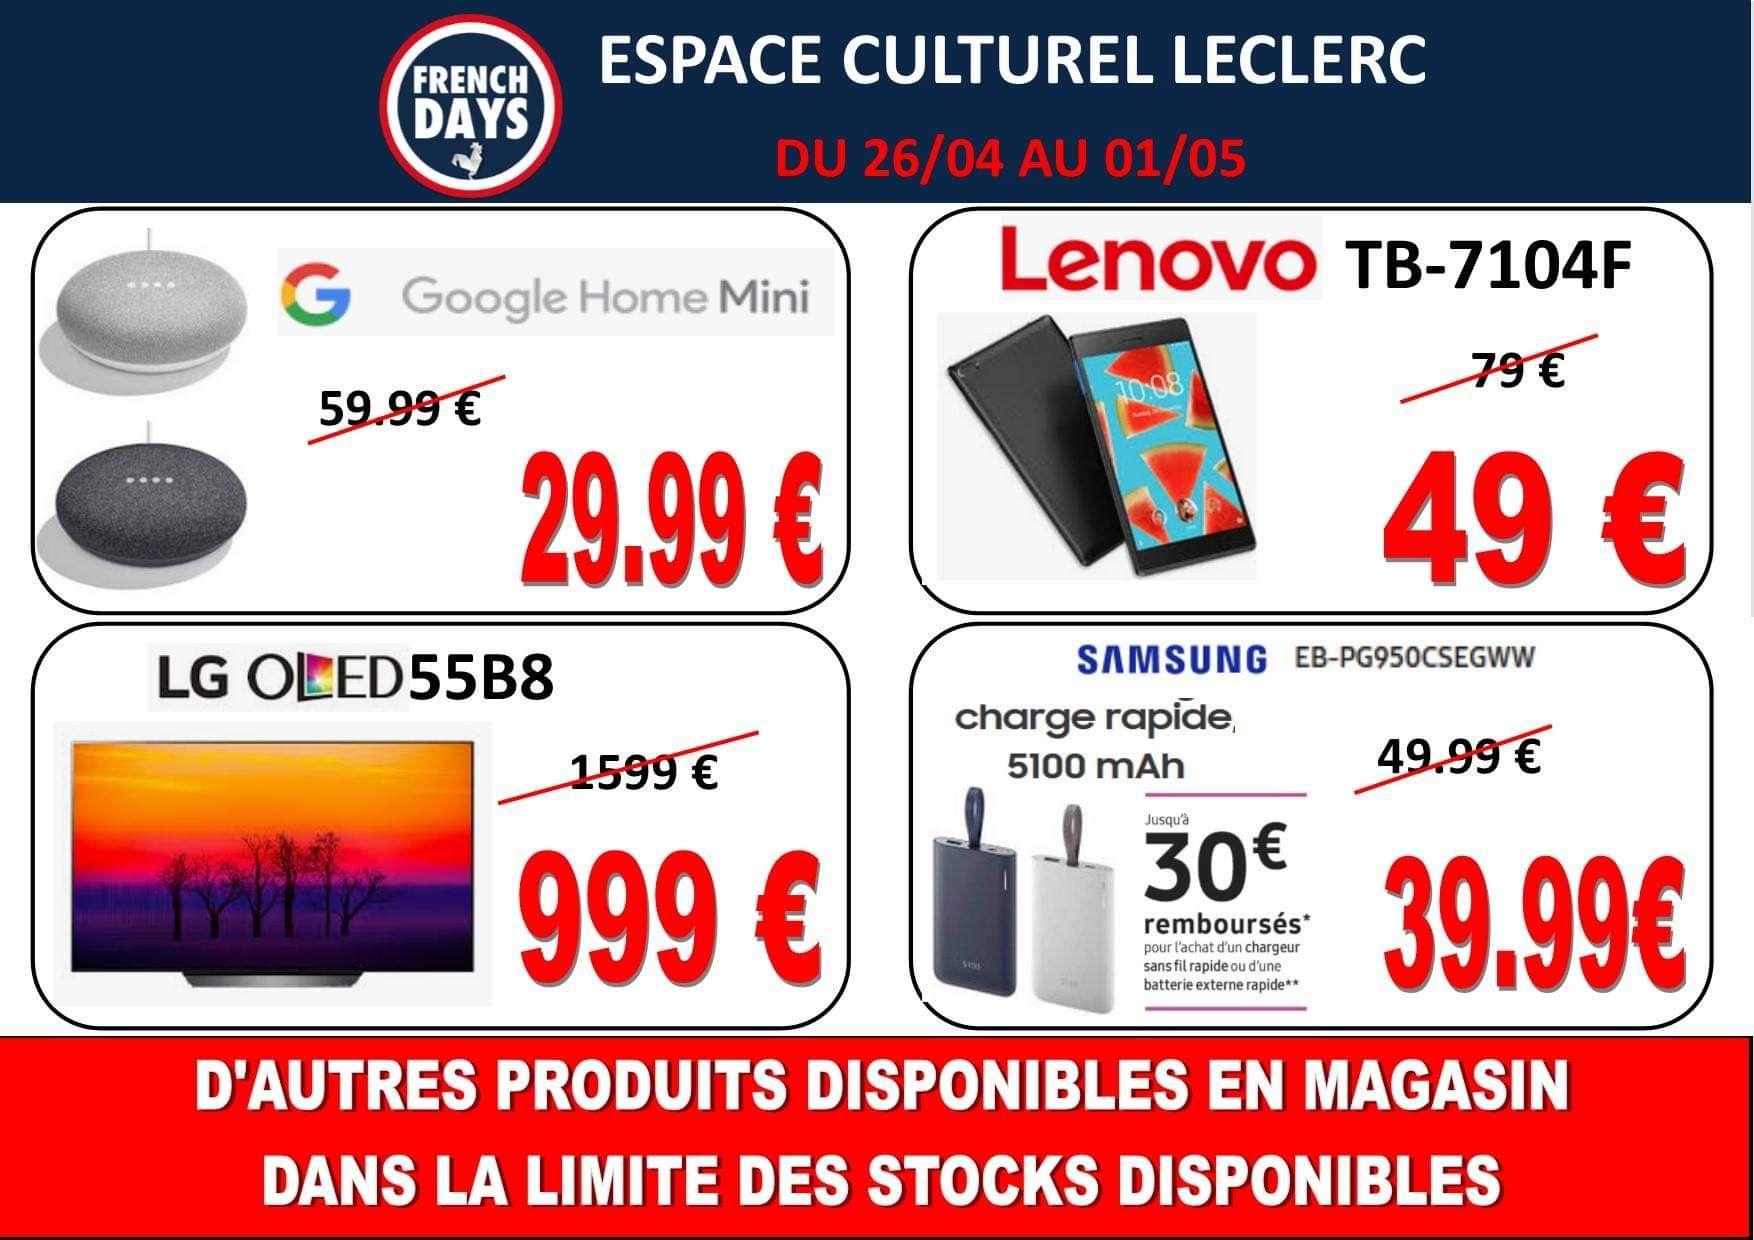 """Sélection d'articles en promotion - Ex : TV 55"""" LG OLED 55B8 - 4K UHD - Bellerive Sur Allier (03) / Langon (33)"""